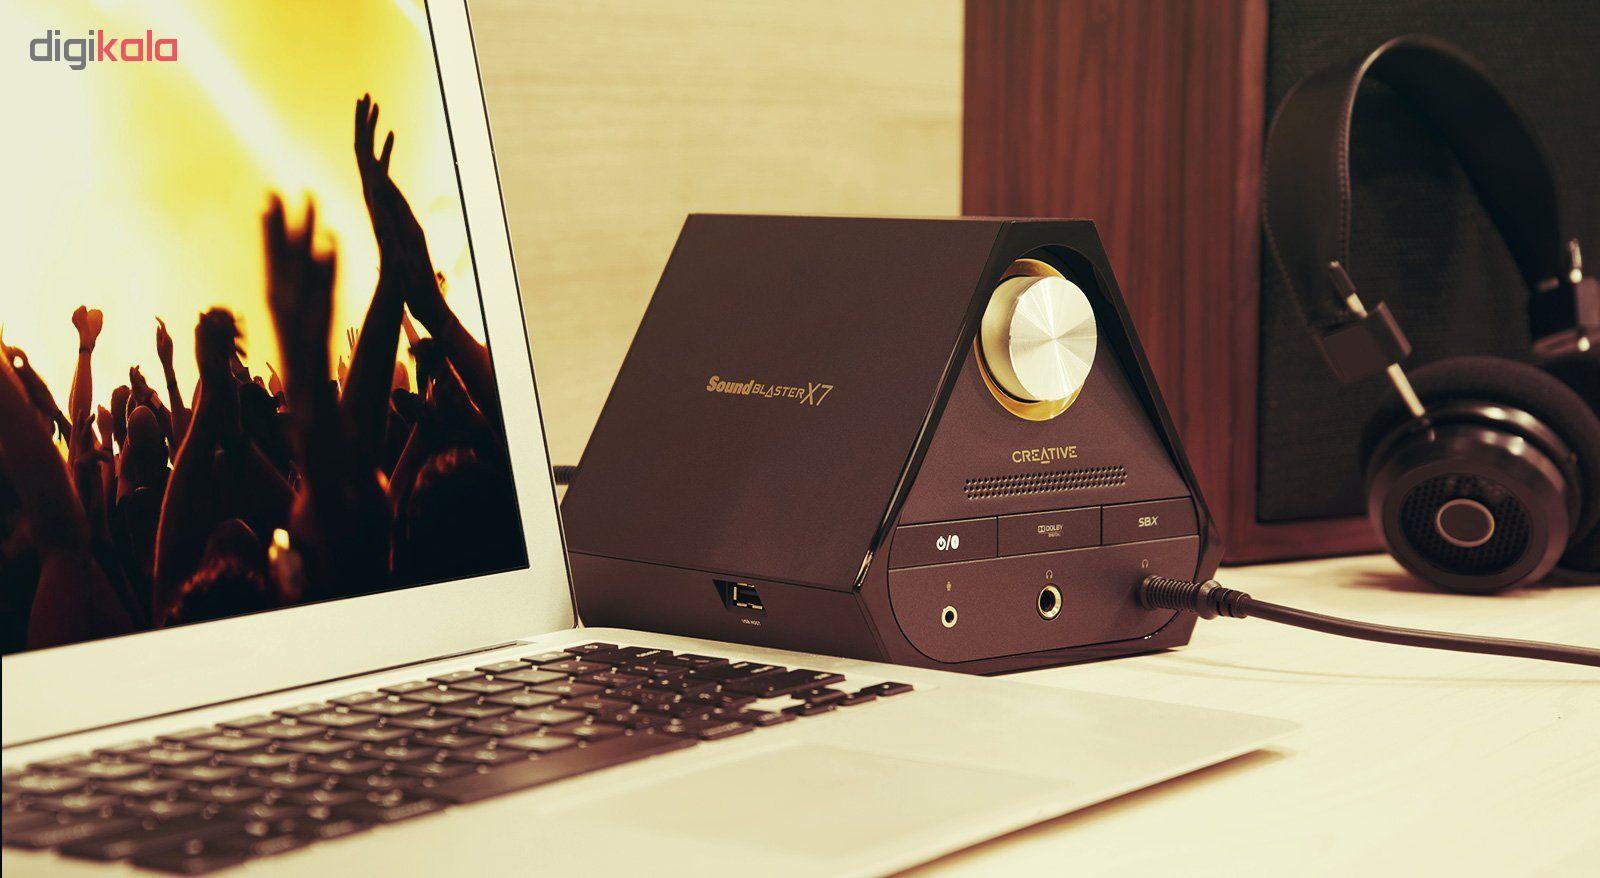 اسپیکر کریتیو مدل E-MU XM7 به همراه آمپلی فایر Sound Blaster X7 main 1 10